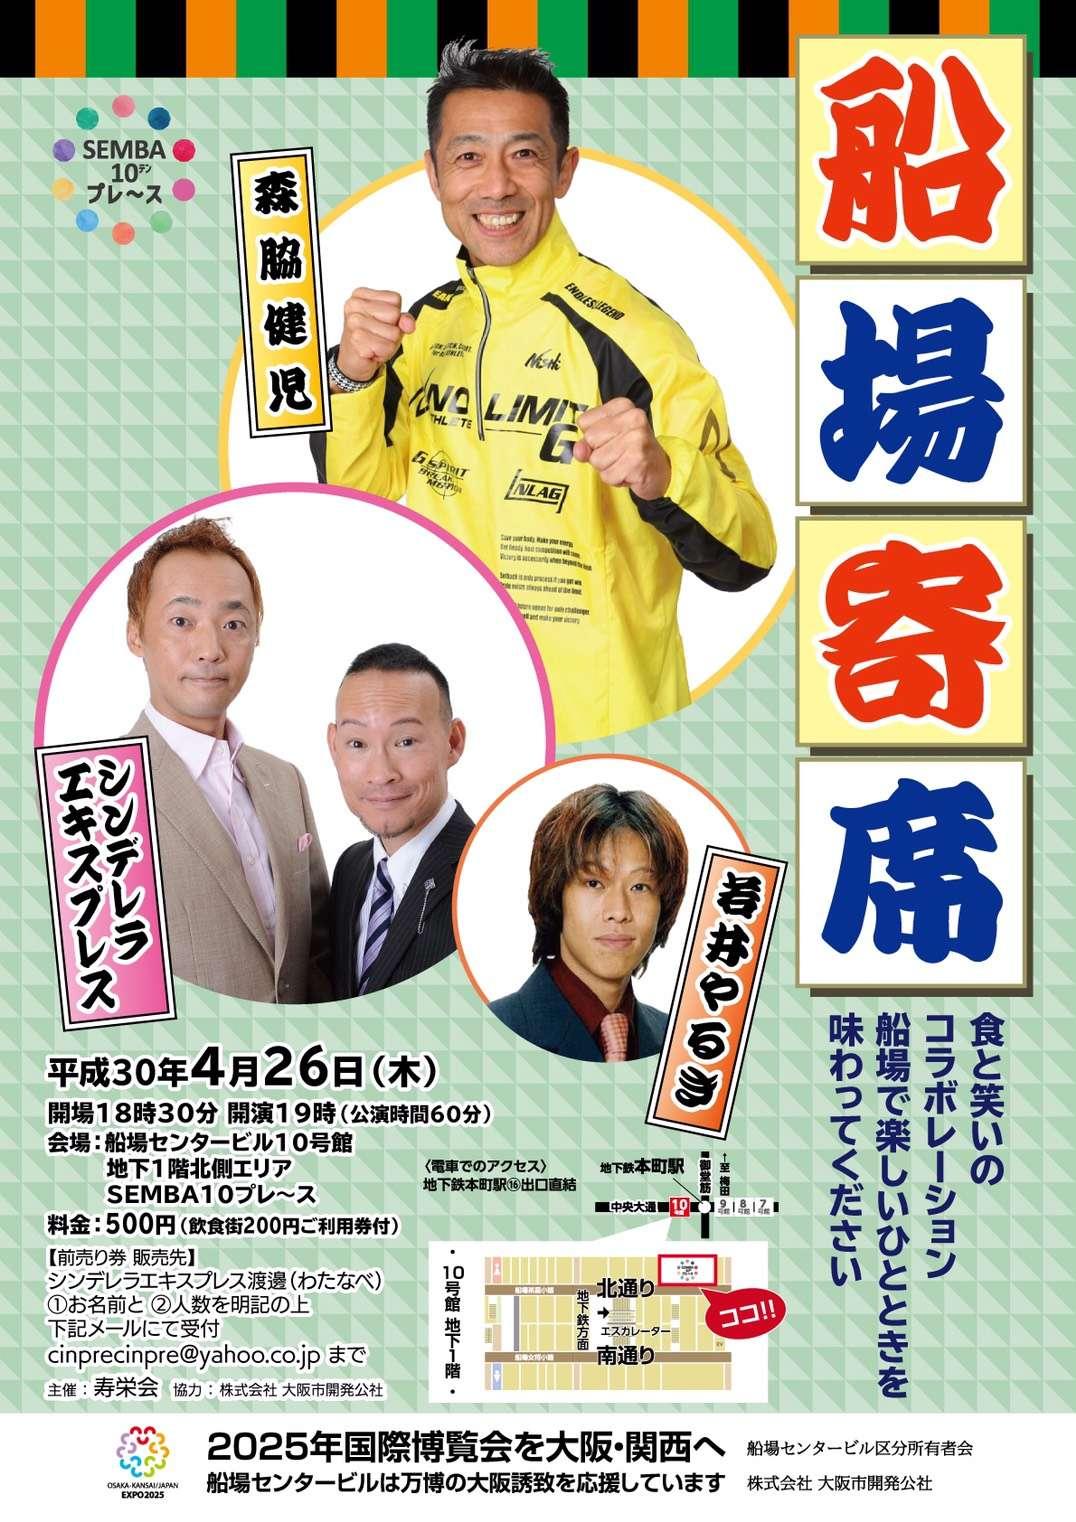 【イベント】定期イベント開催決定!! 第1回目は、船場寄席!!